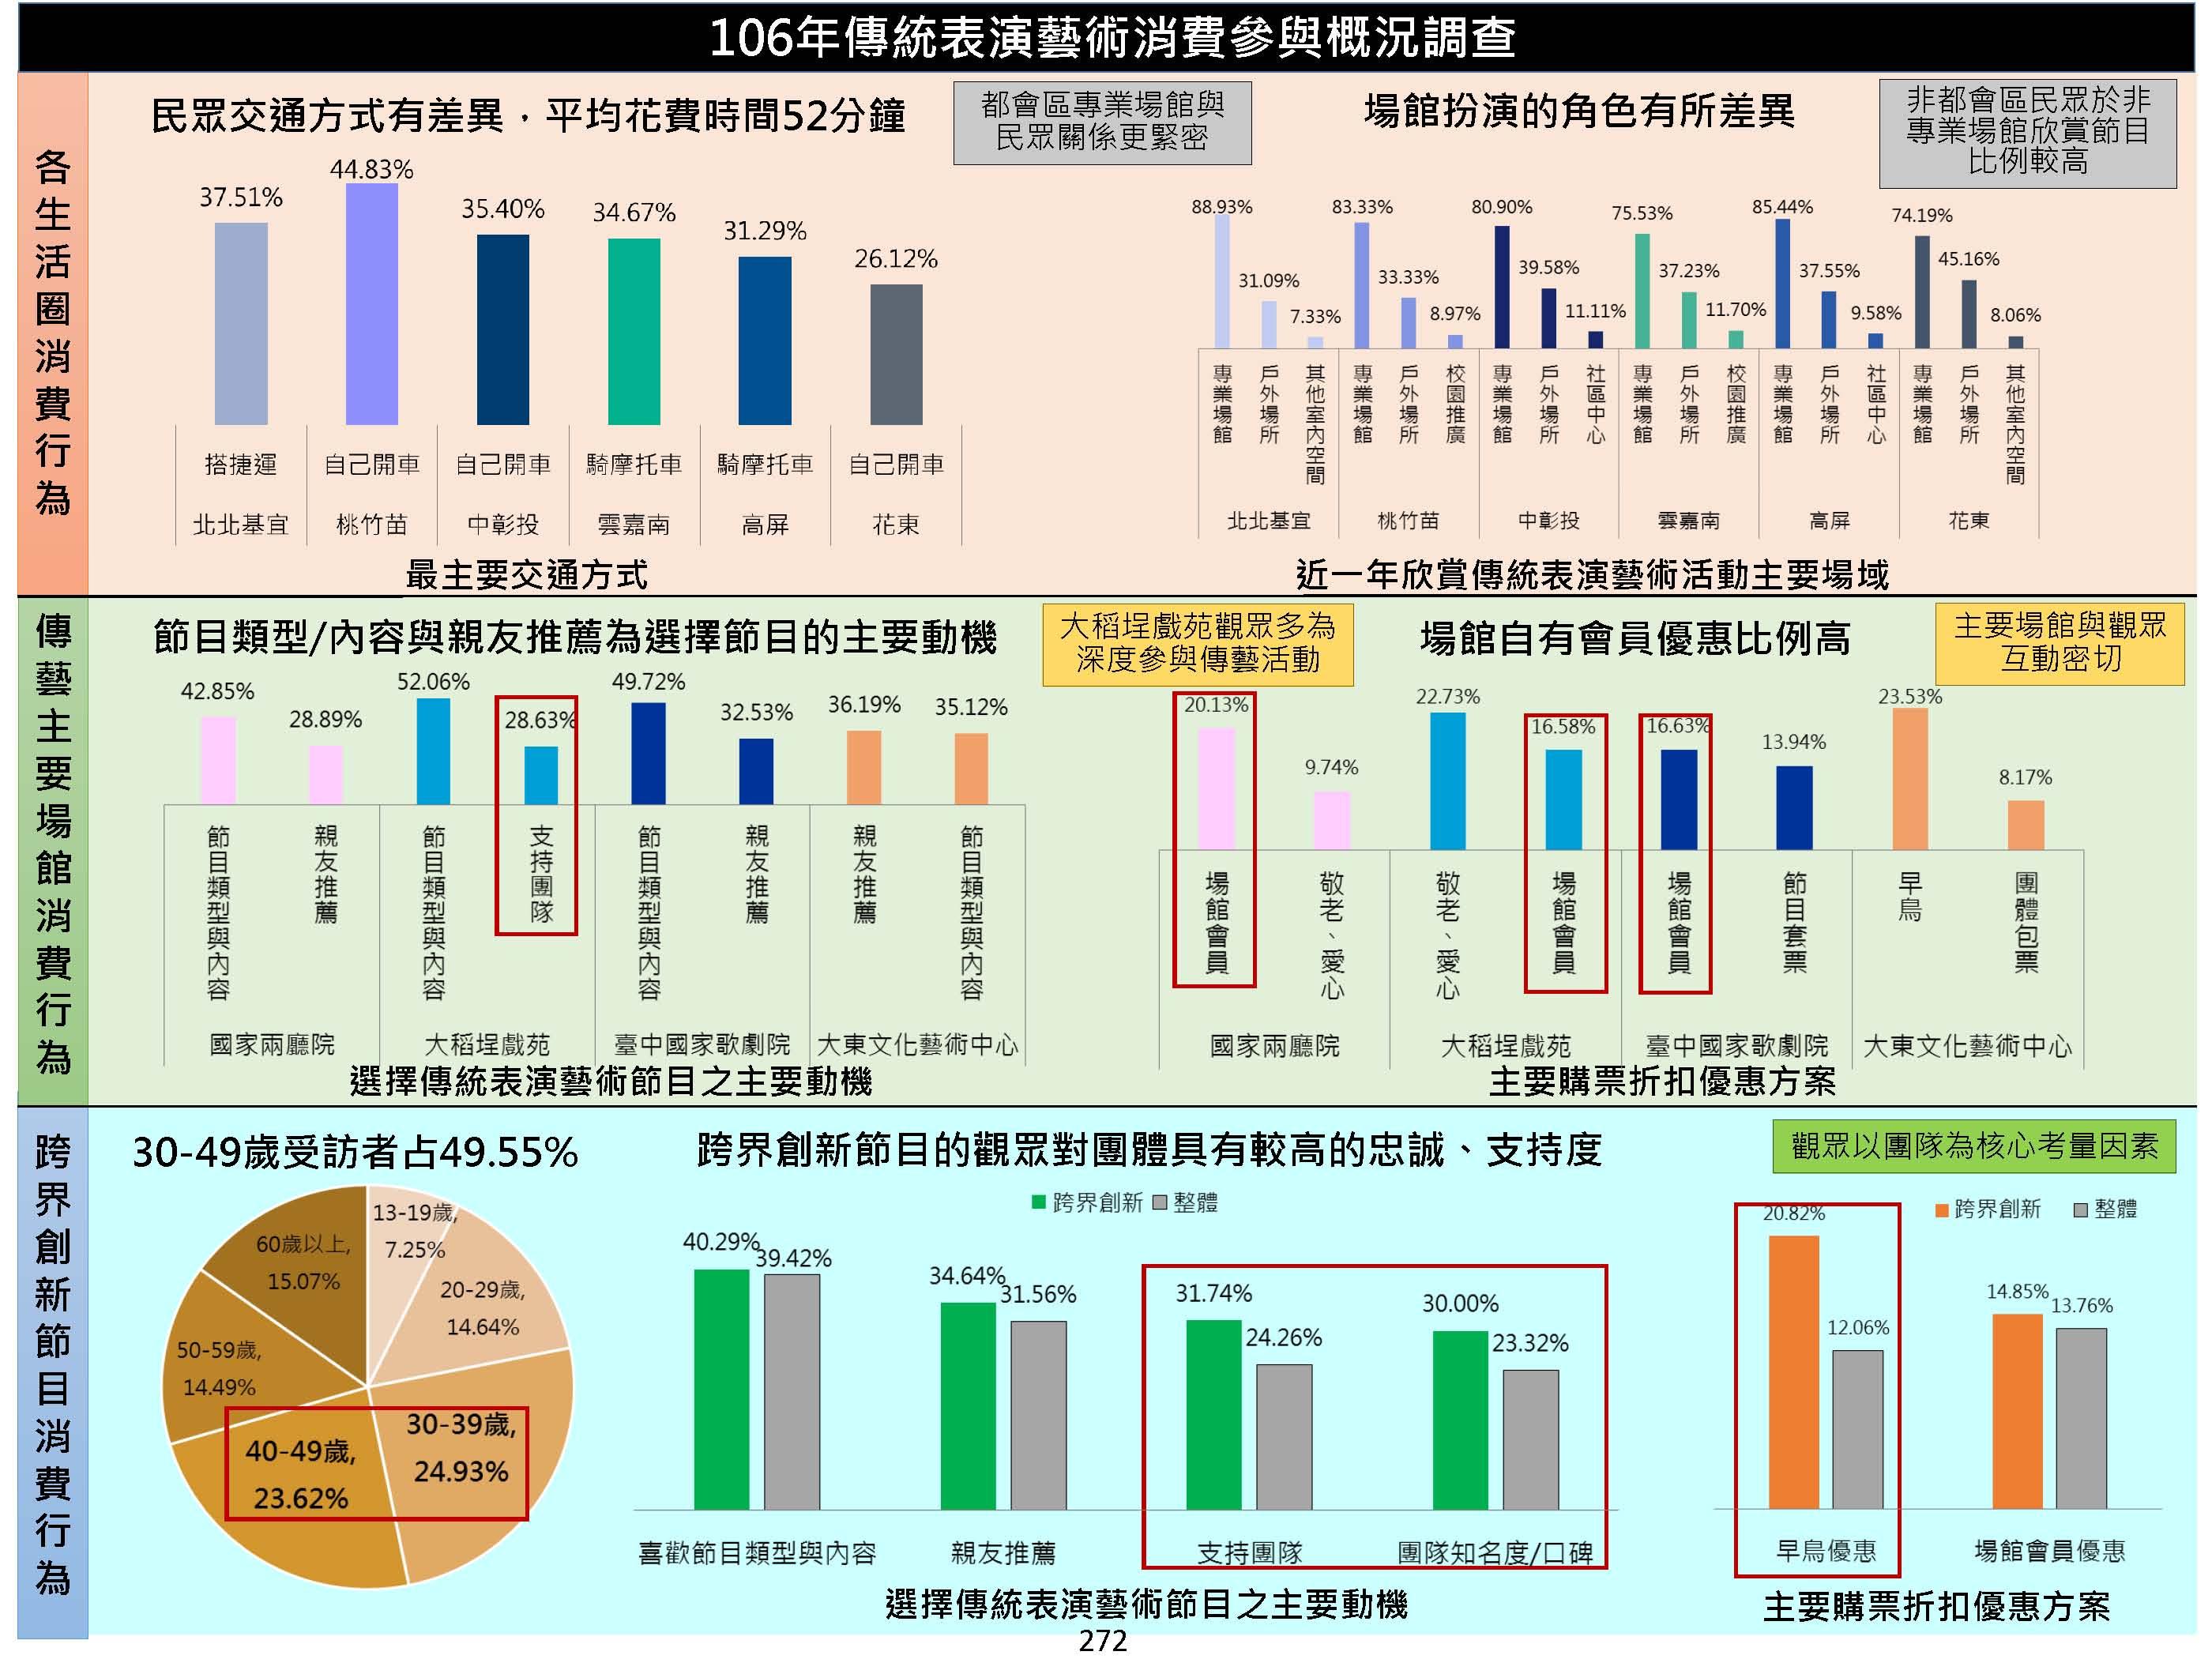 資訊圖表_頁面_2.jpg